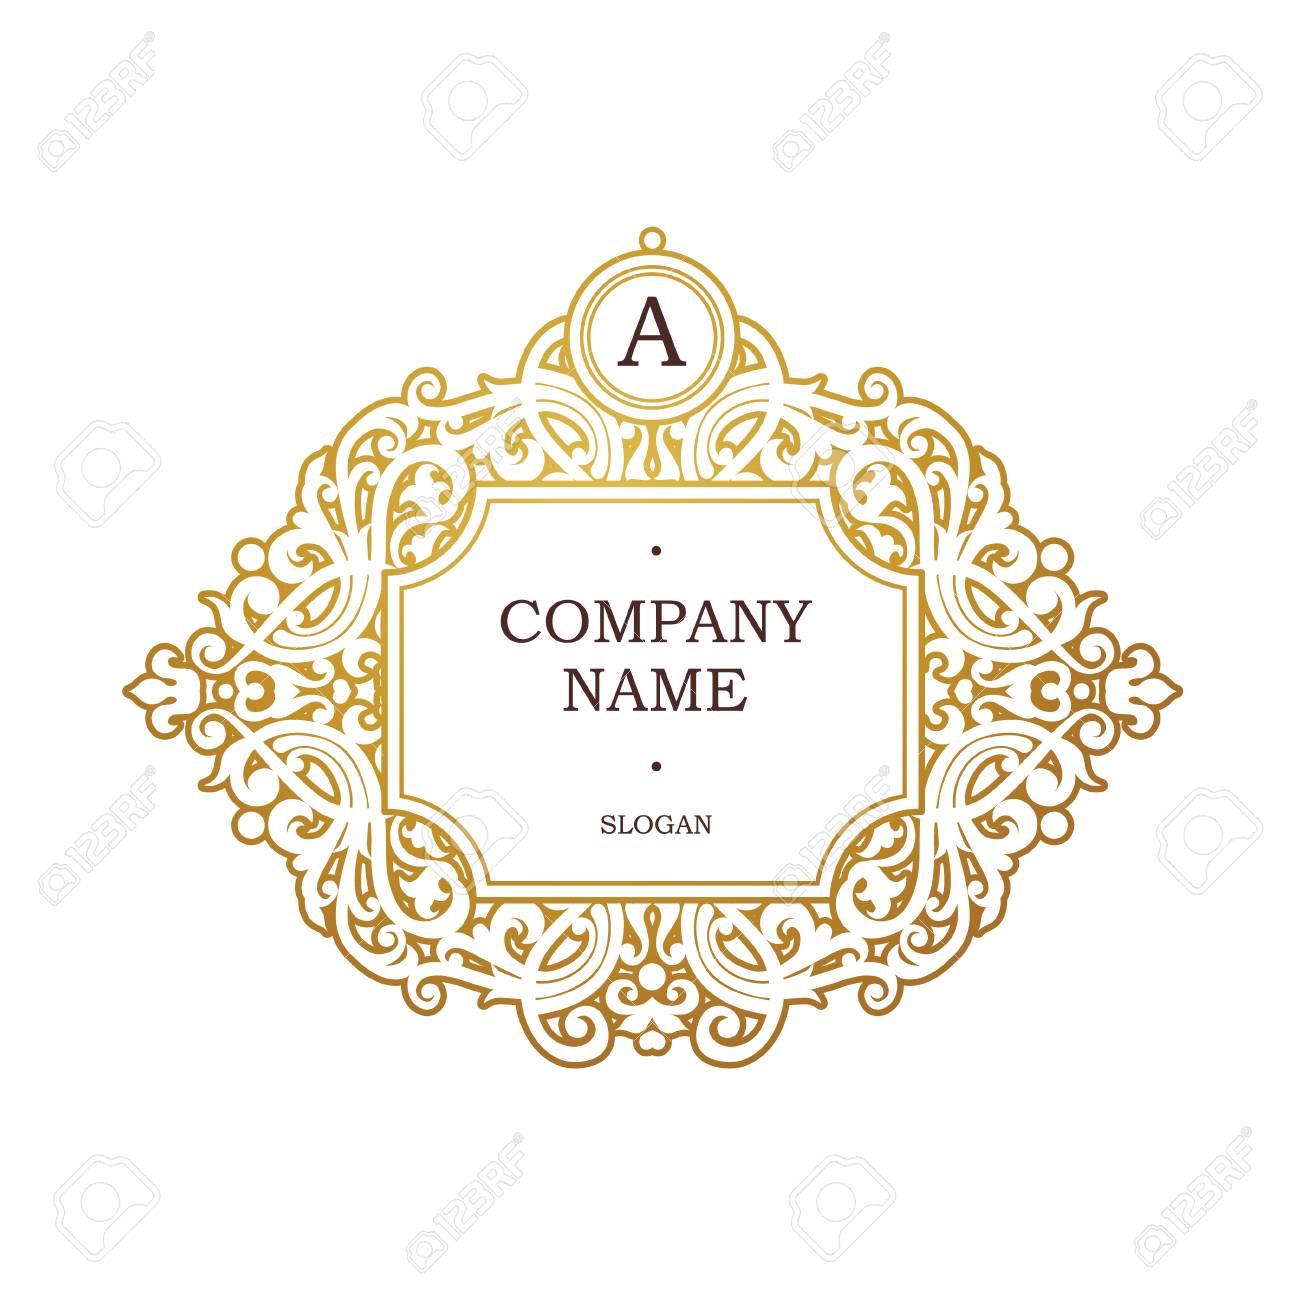 Versión Rasterizada Marco Dorado En Estilo Victoriano Elemento Ornamentado Para El Diseño Lugar Para Nombre De La Empresa Y Eslogan Adorno Viñeta